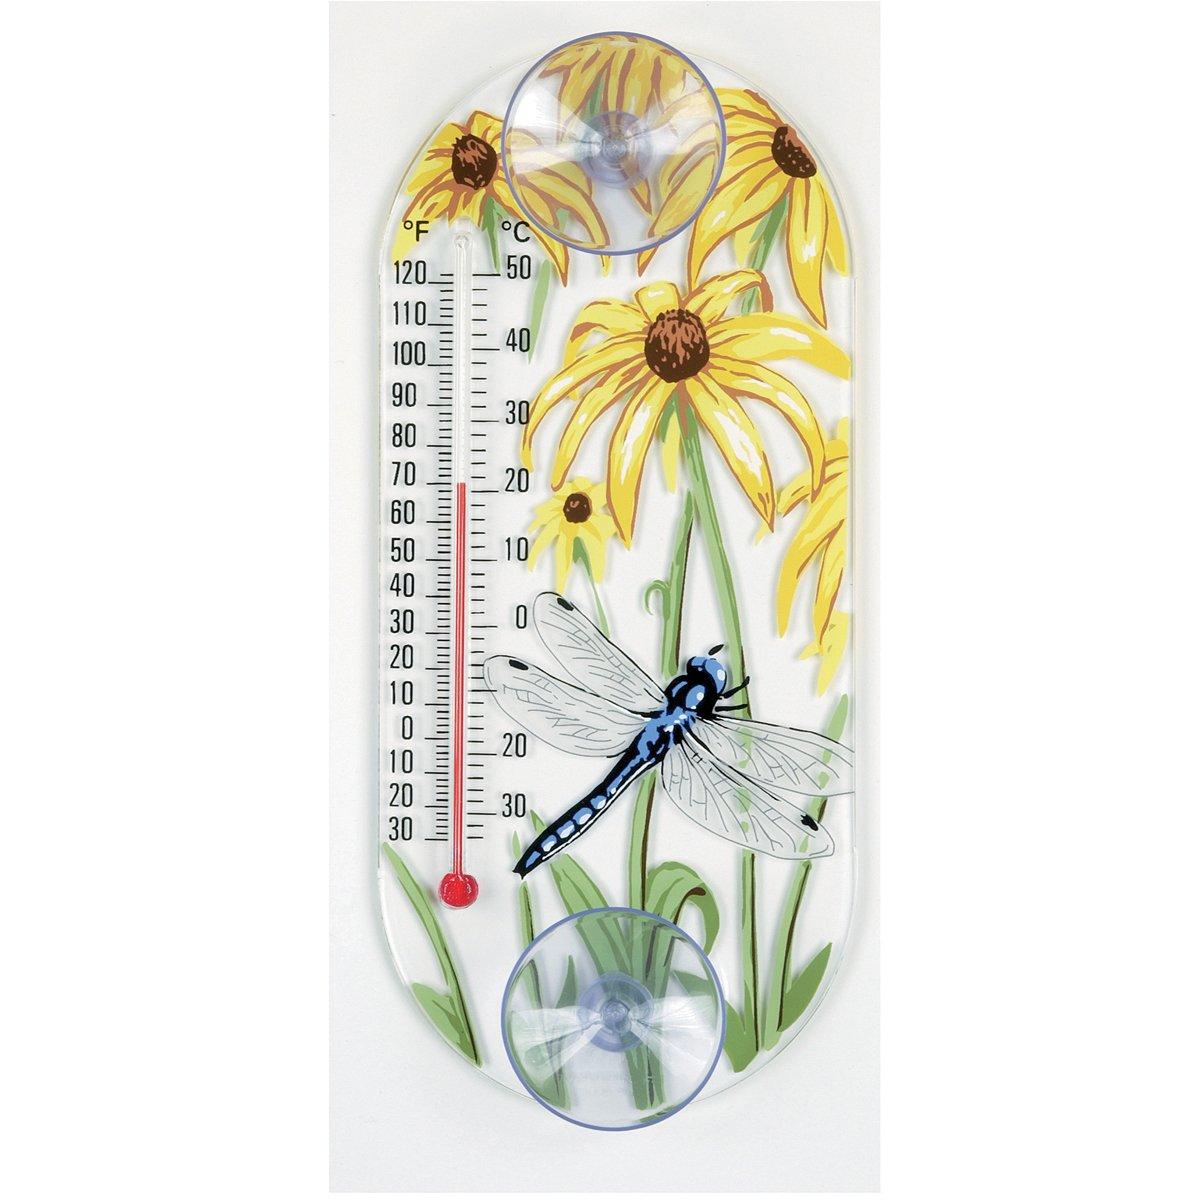 Aspects 338 Dragonfly finestra termometro